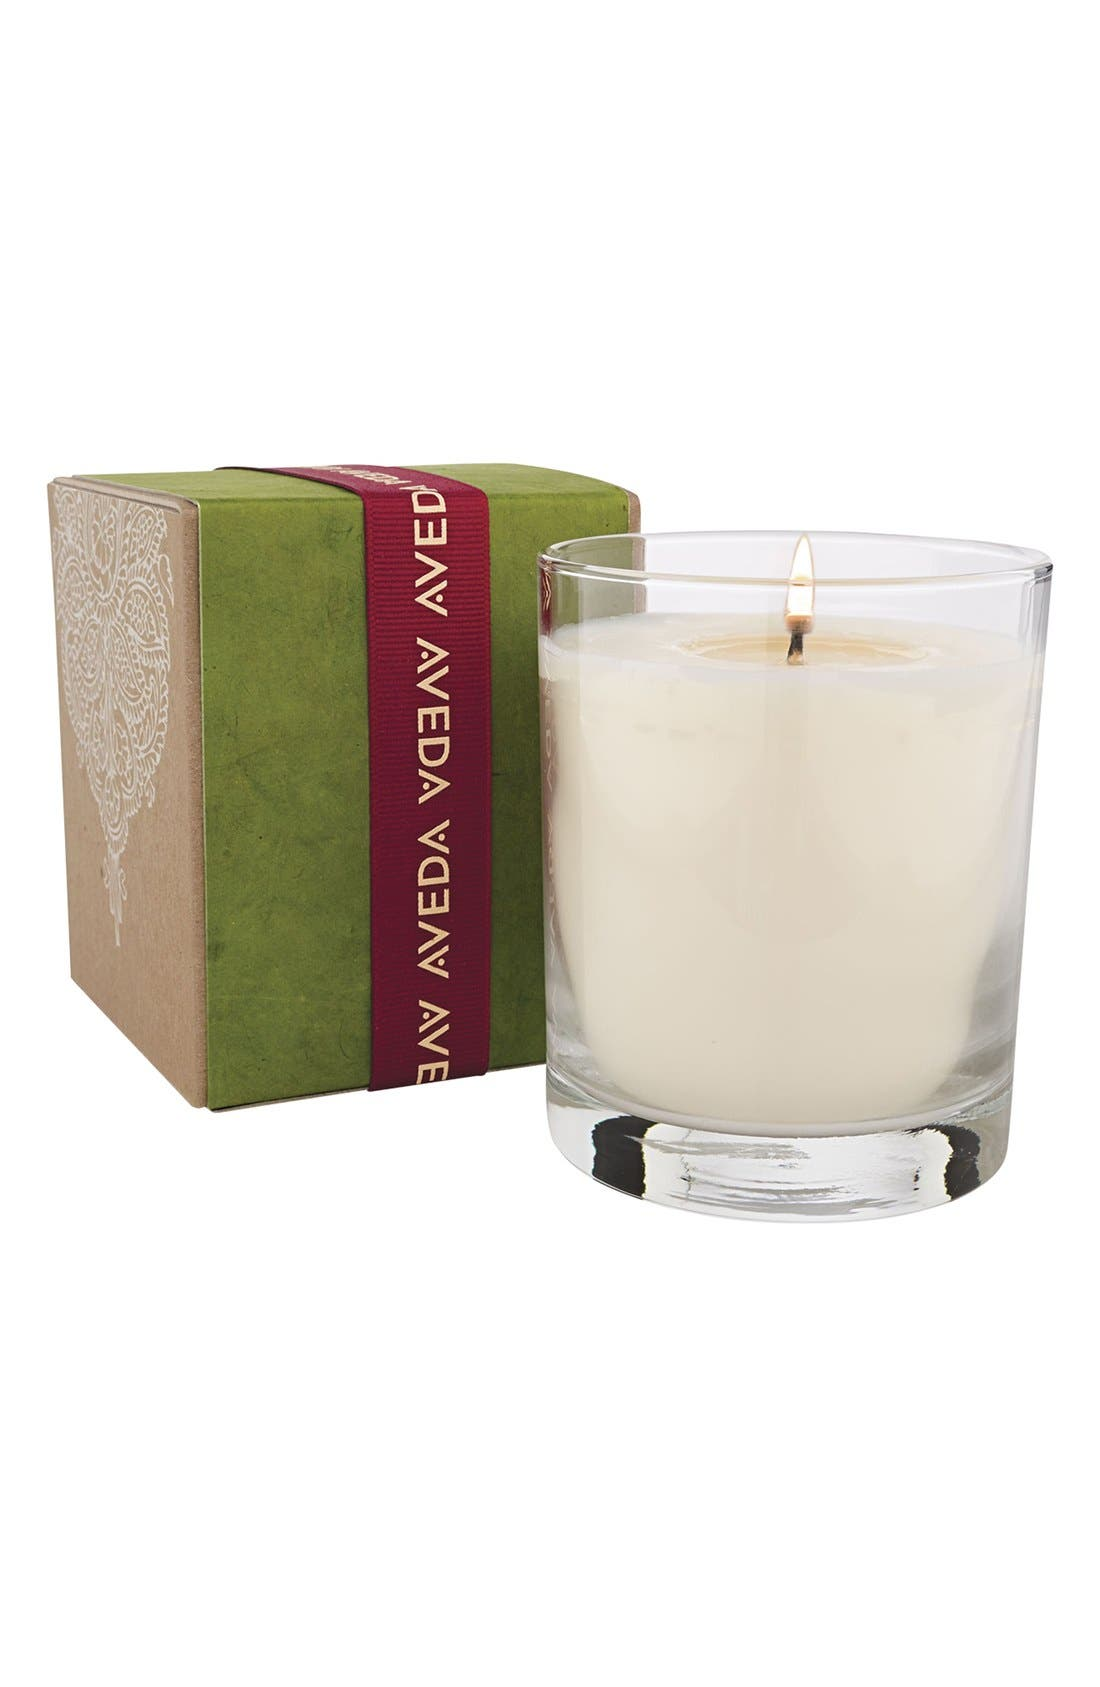 Main Image - Aveda 'Give Warmth' Candle